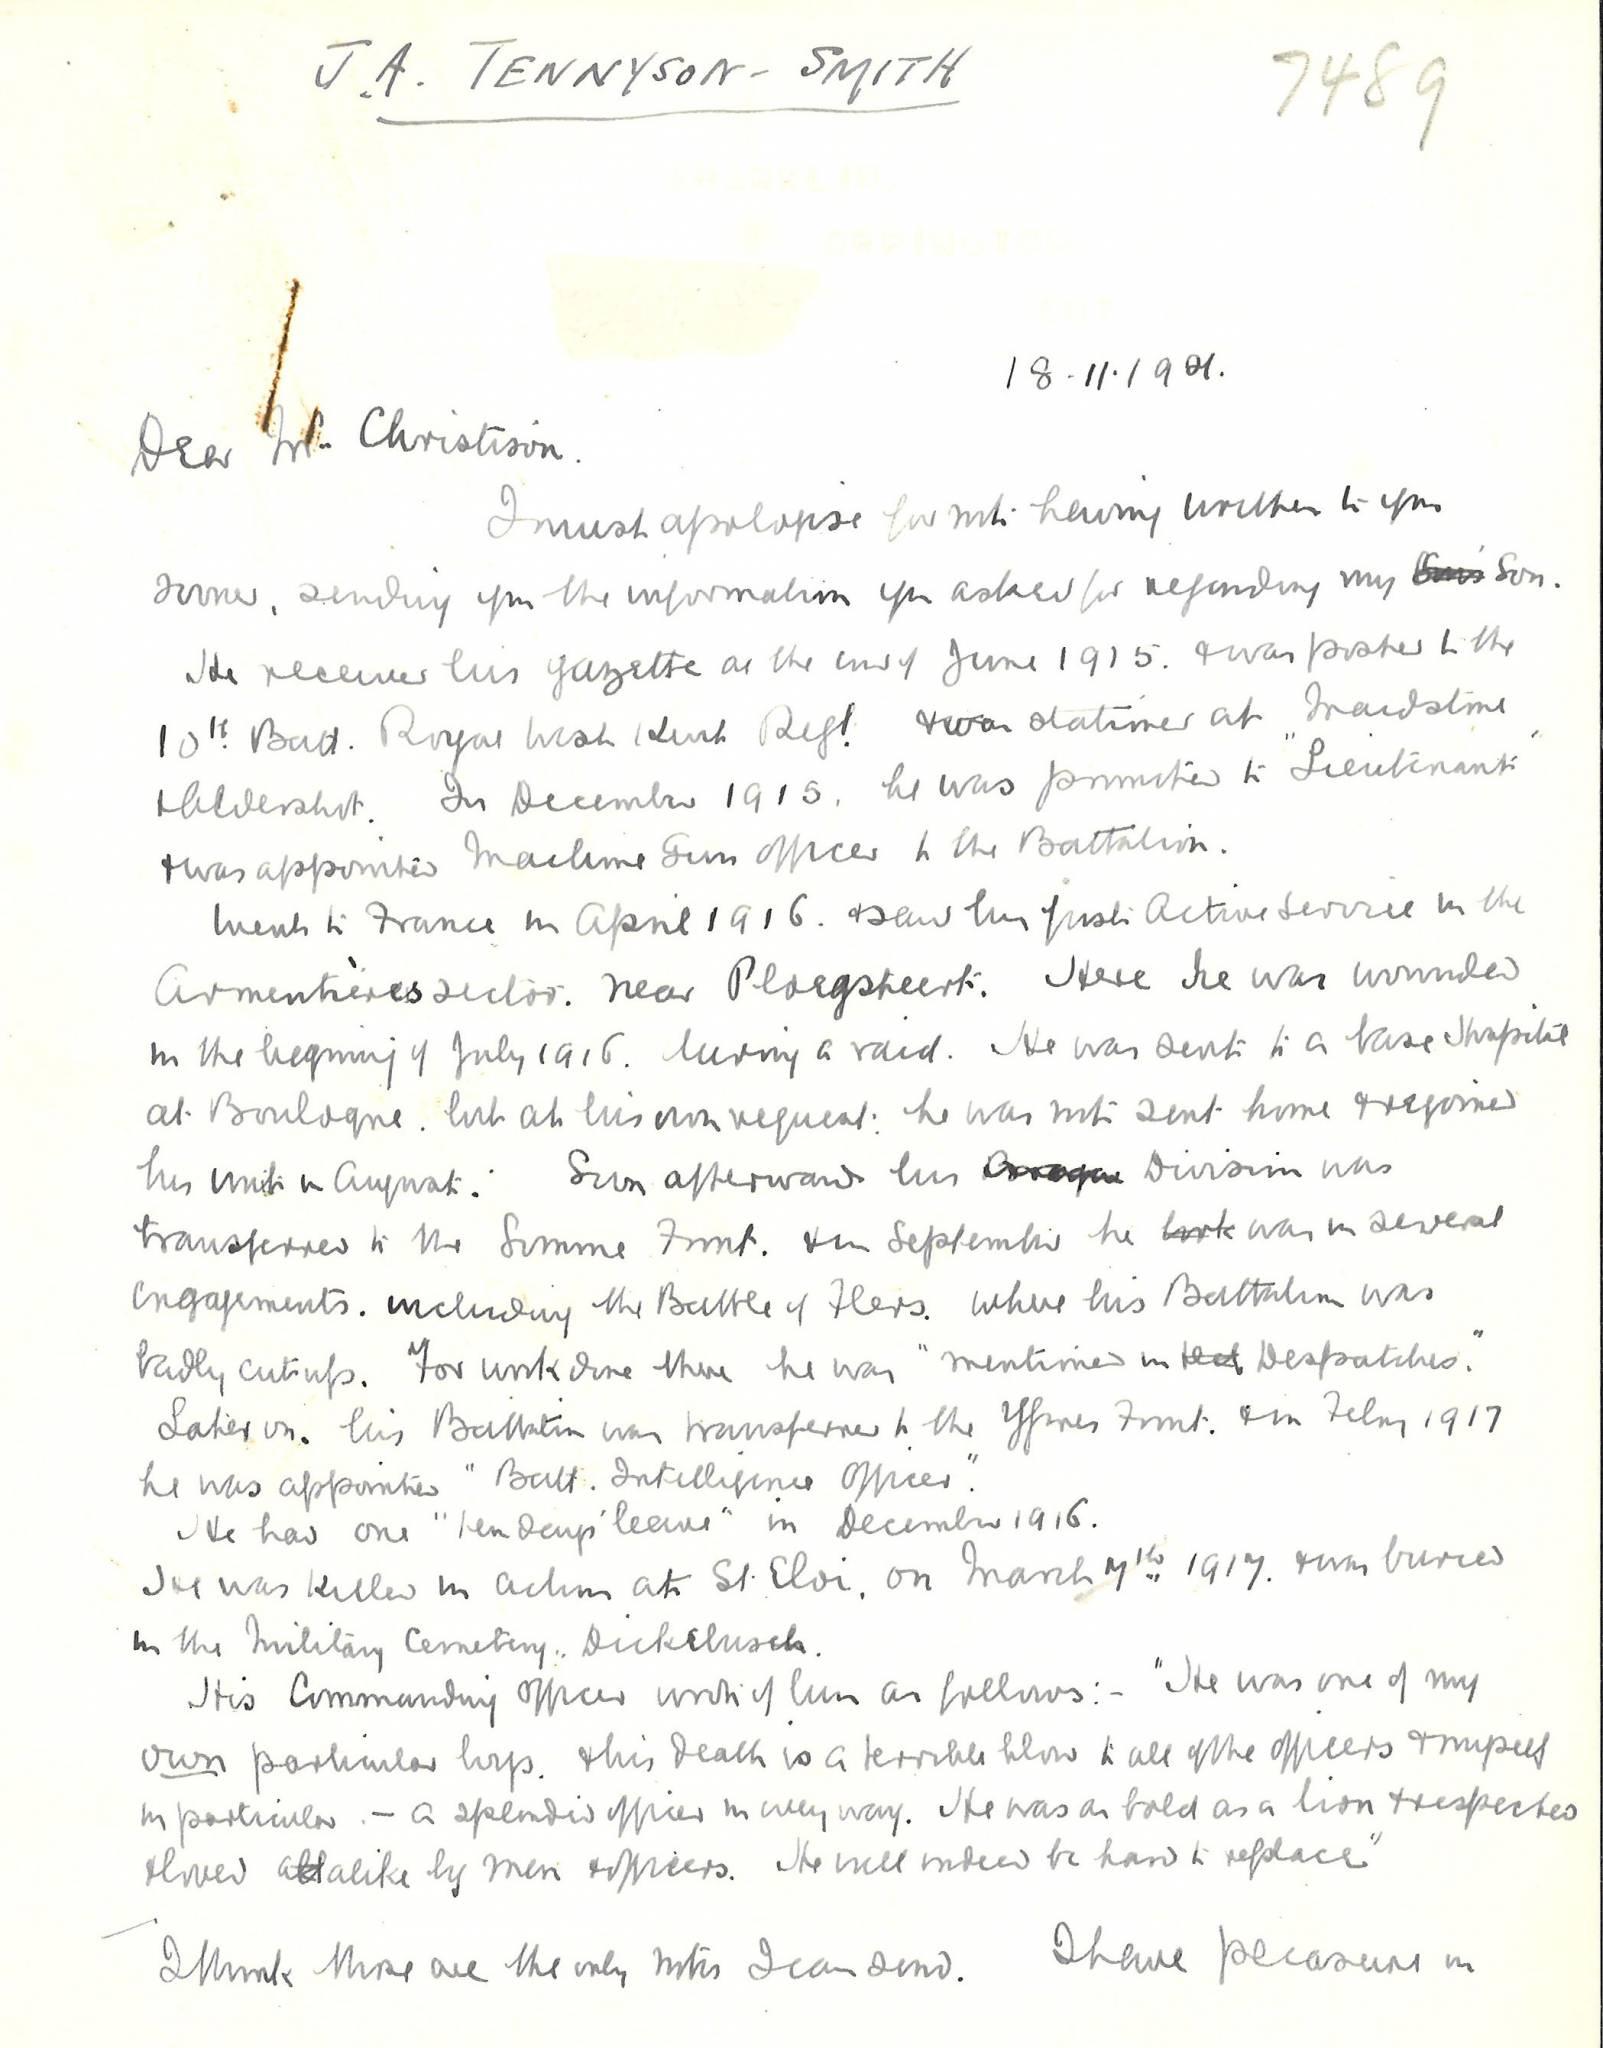 Tennyson Smith JA Father Letter 1